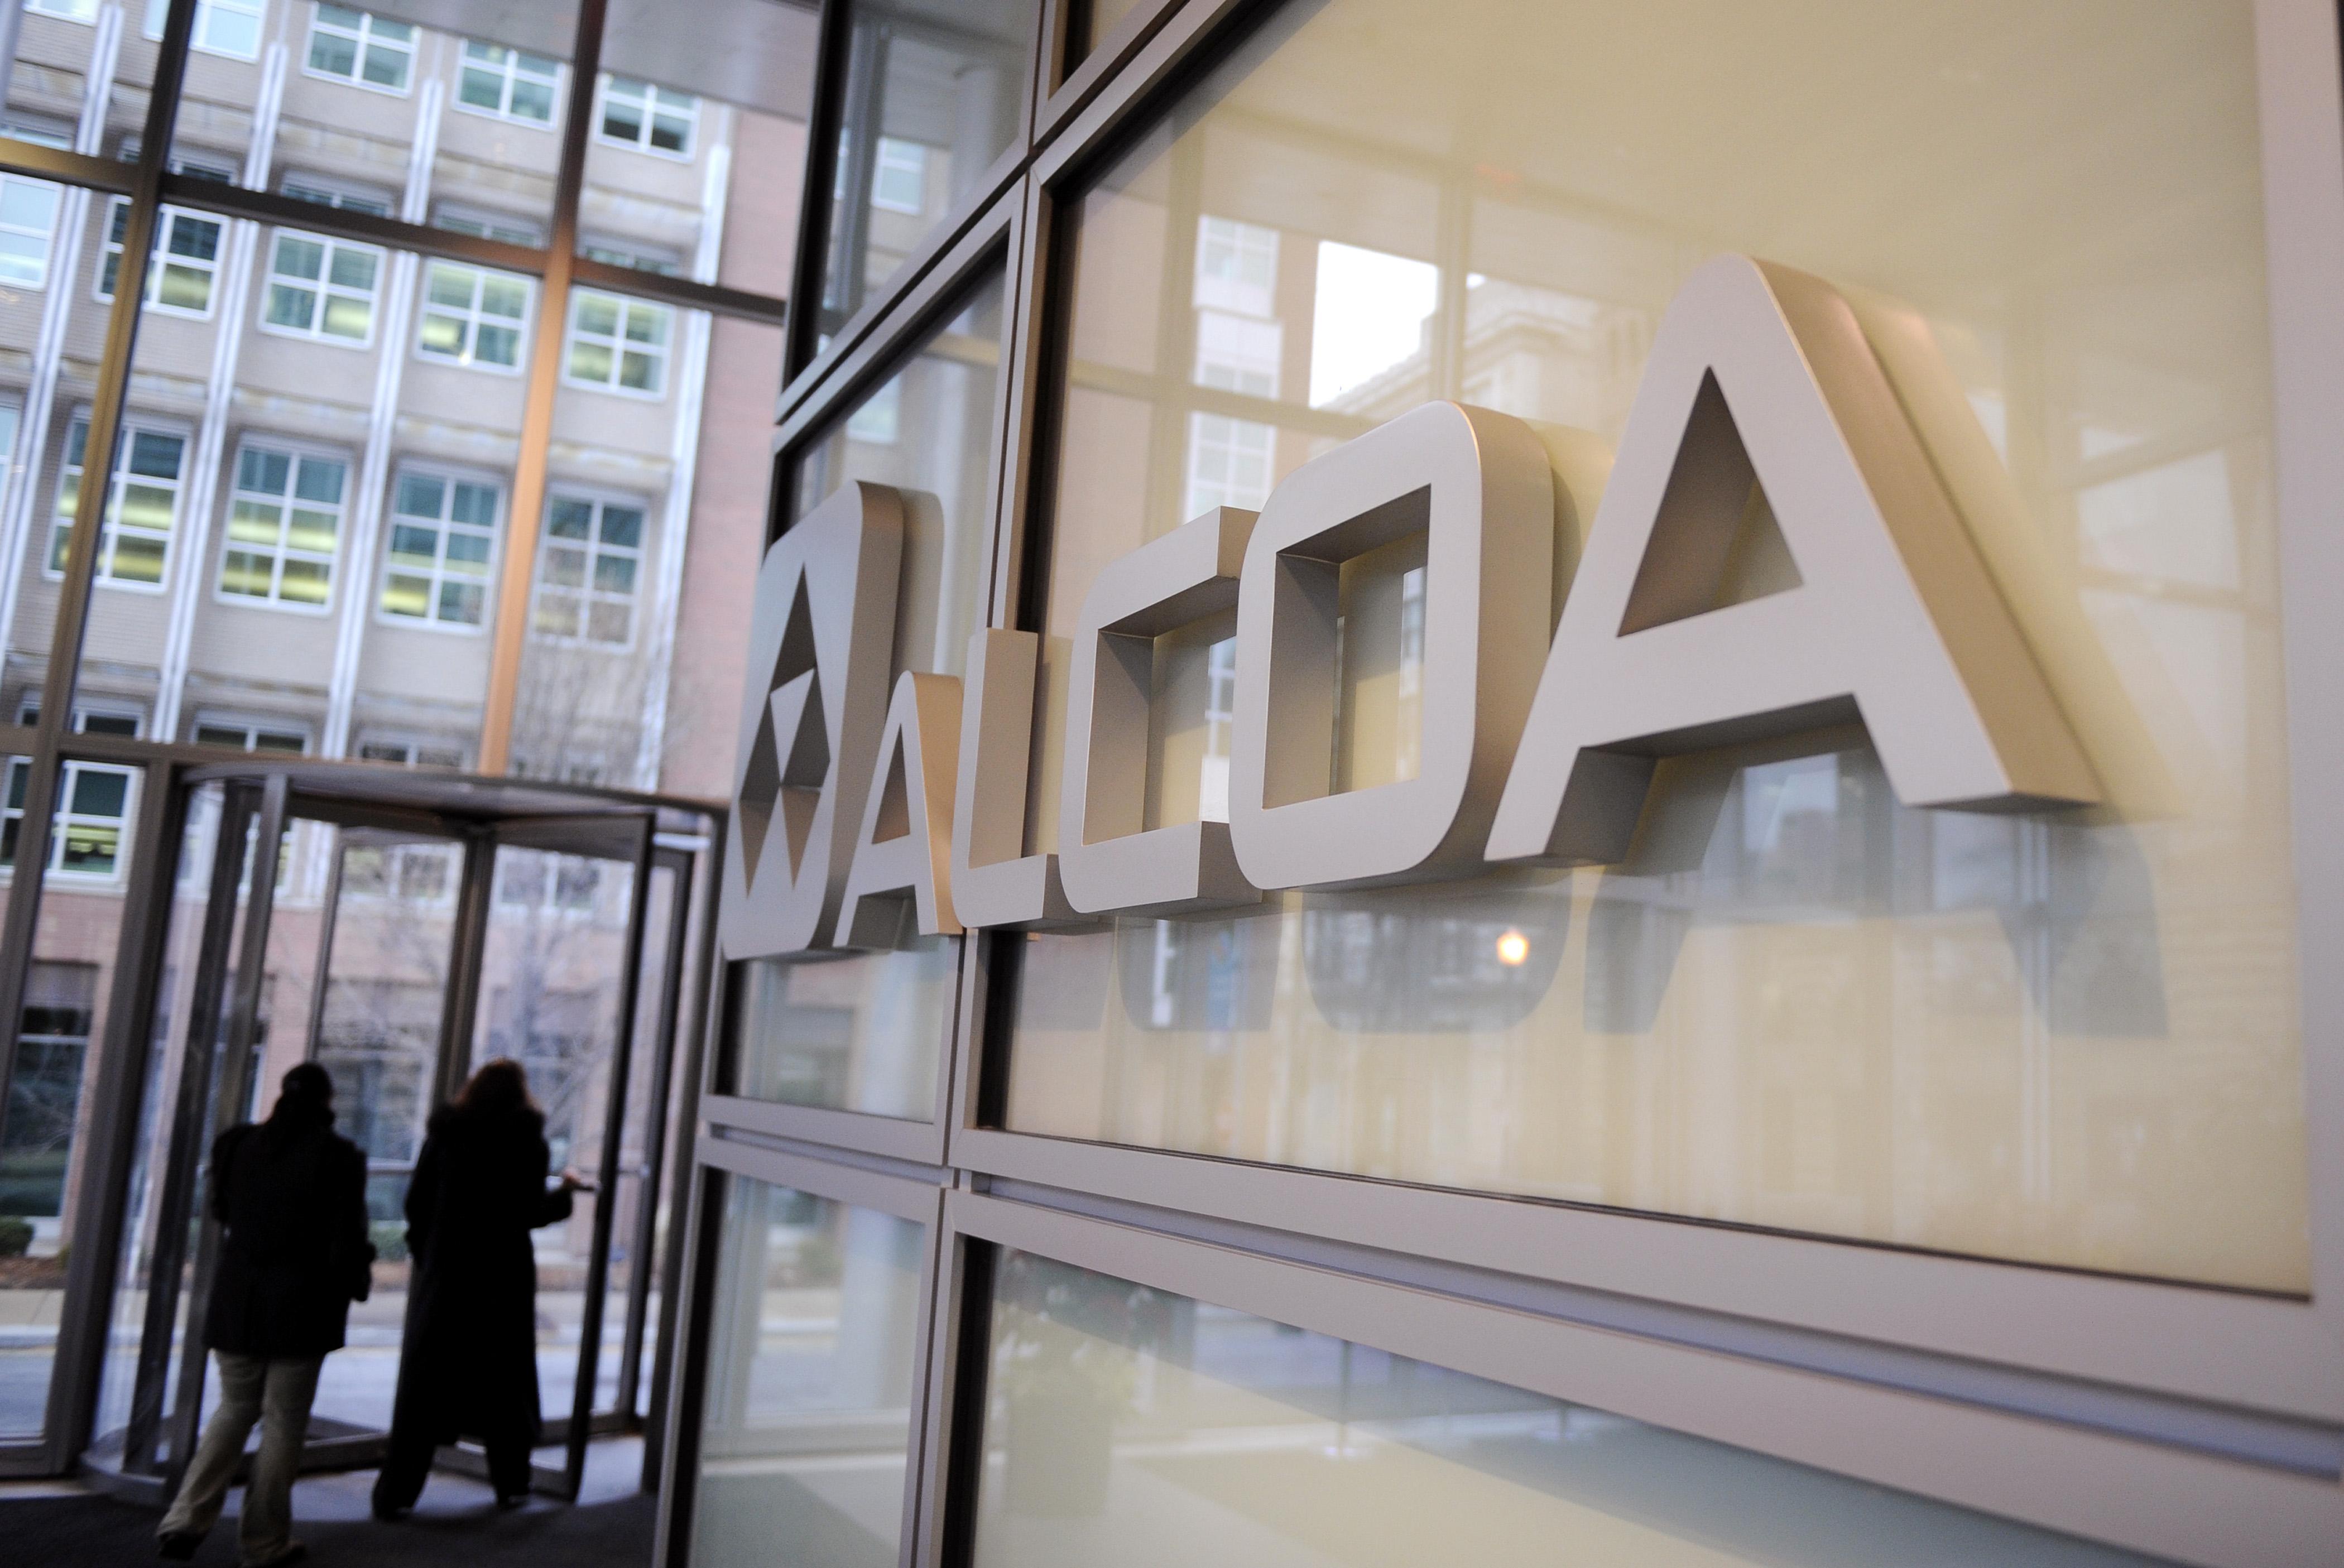 Aluminum Maker Alcoa Plans To Cut 15,000 Jobs